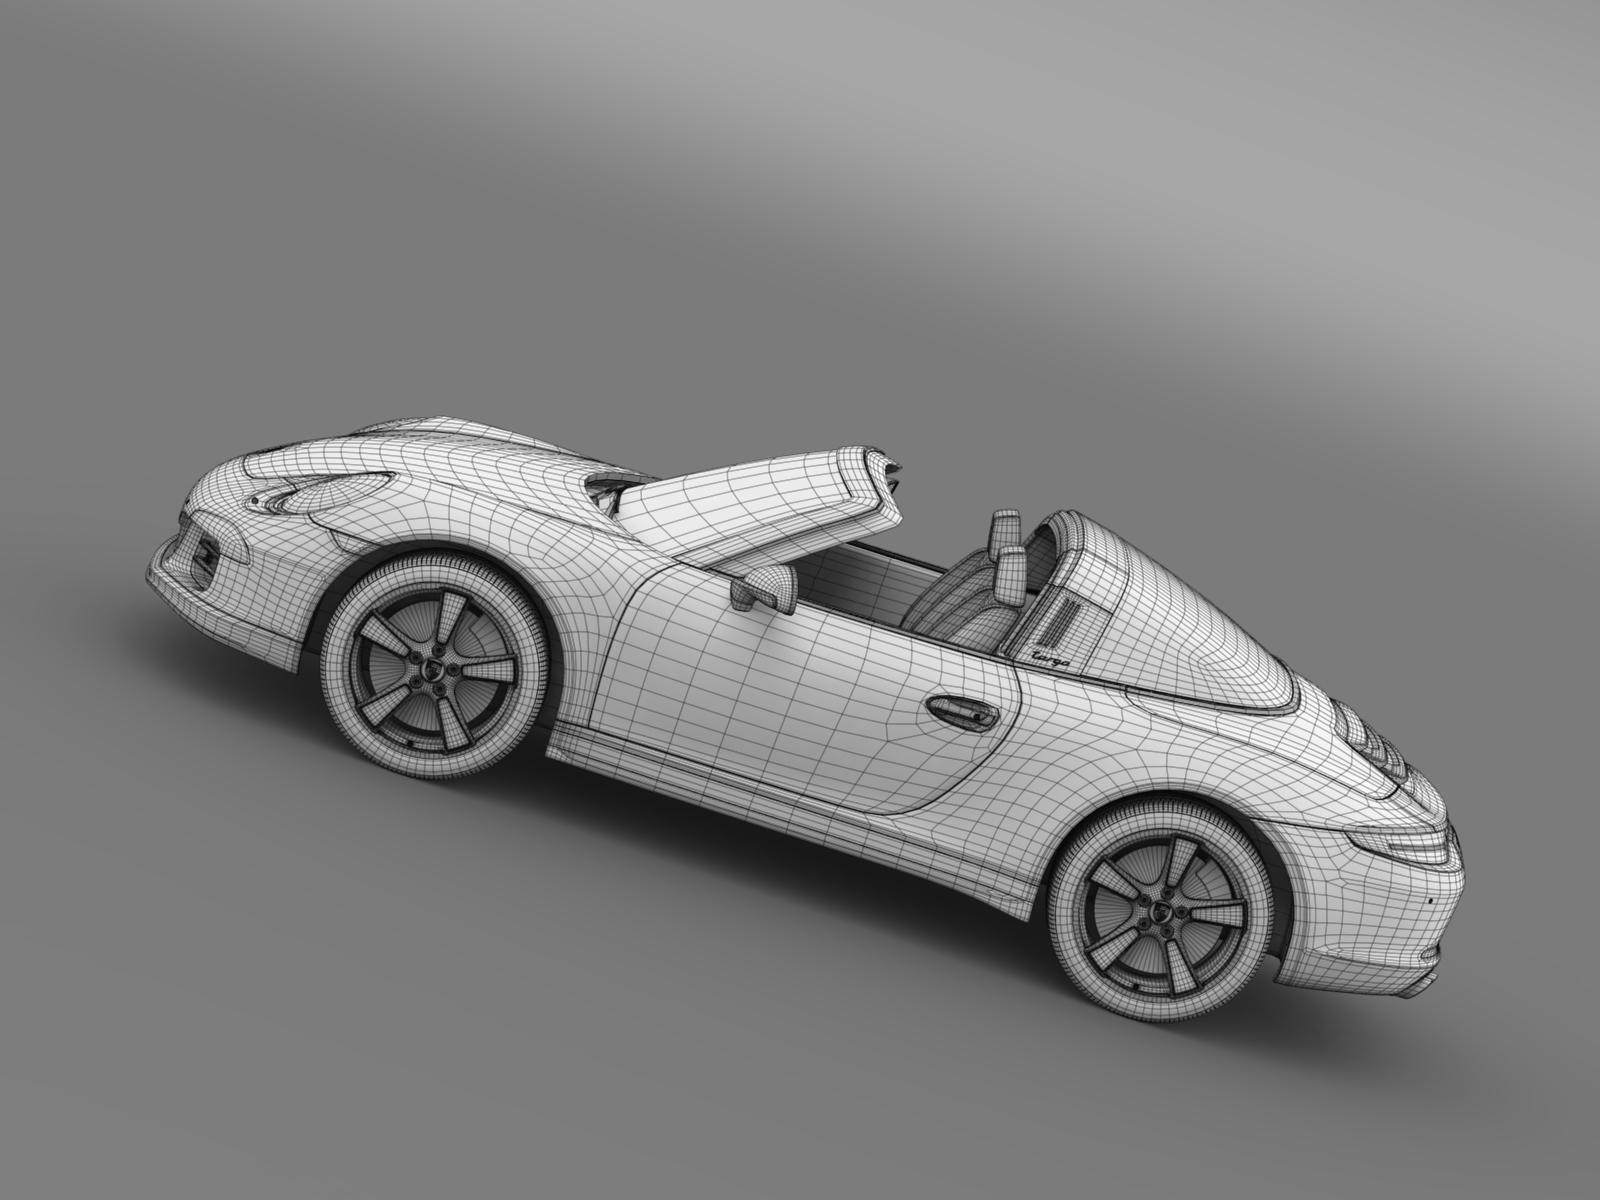 Porsche 911 Targa 4s Exclusive 2015 by creator_3d   3DOcean on bmw m6 convertible white, porsche targa 4s 997, nissan 350z white, porsche 991 targa 4s, porsche cayman r white, range rover sport white, porsche boxster spyder white, porsche cayman s white, porsche boxster s white, porsche 997 turbo white,